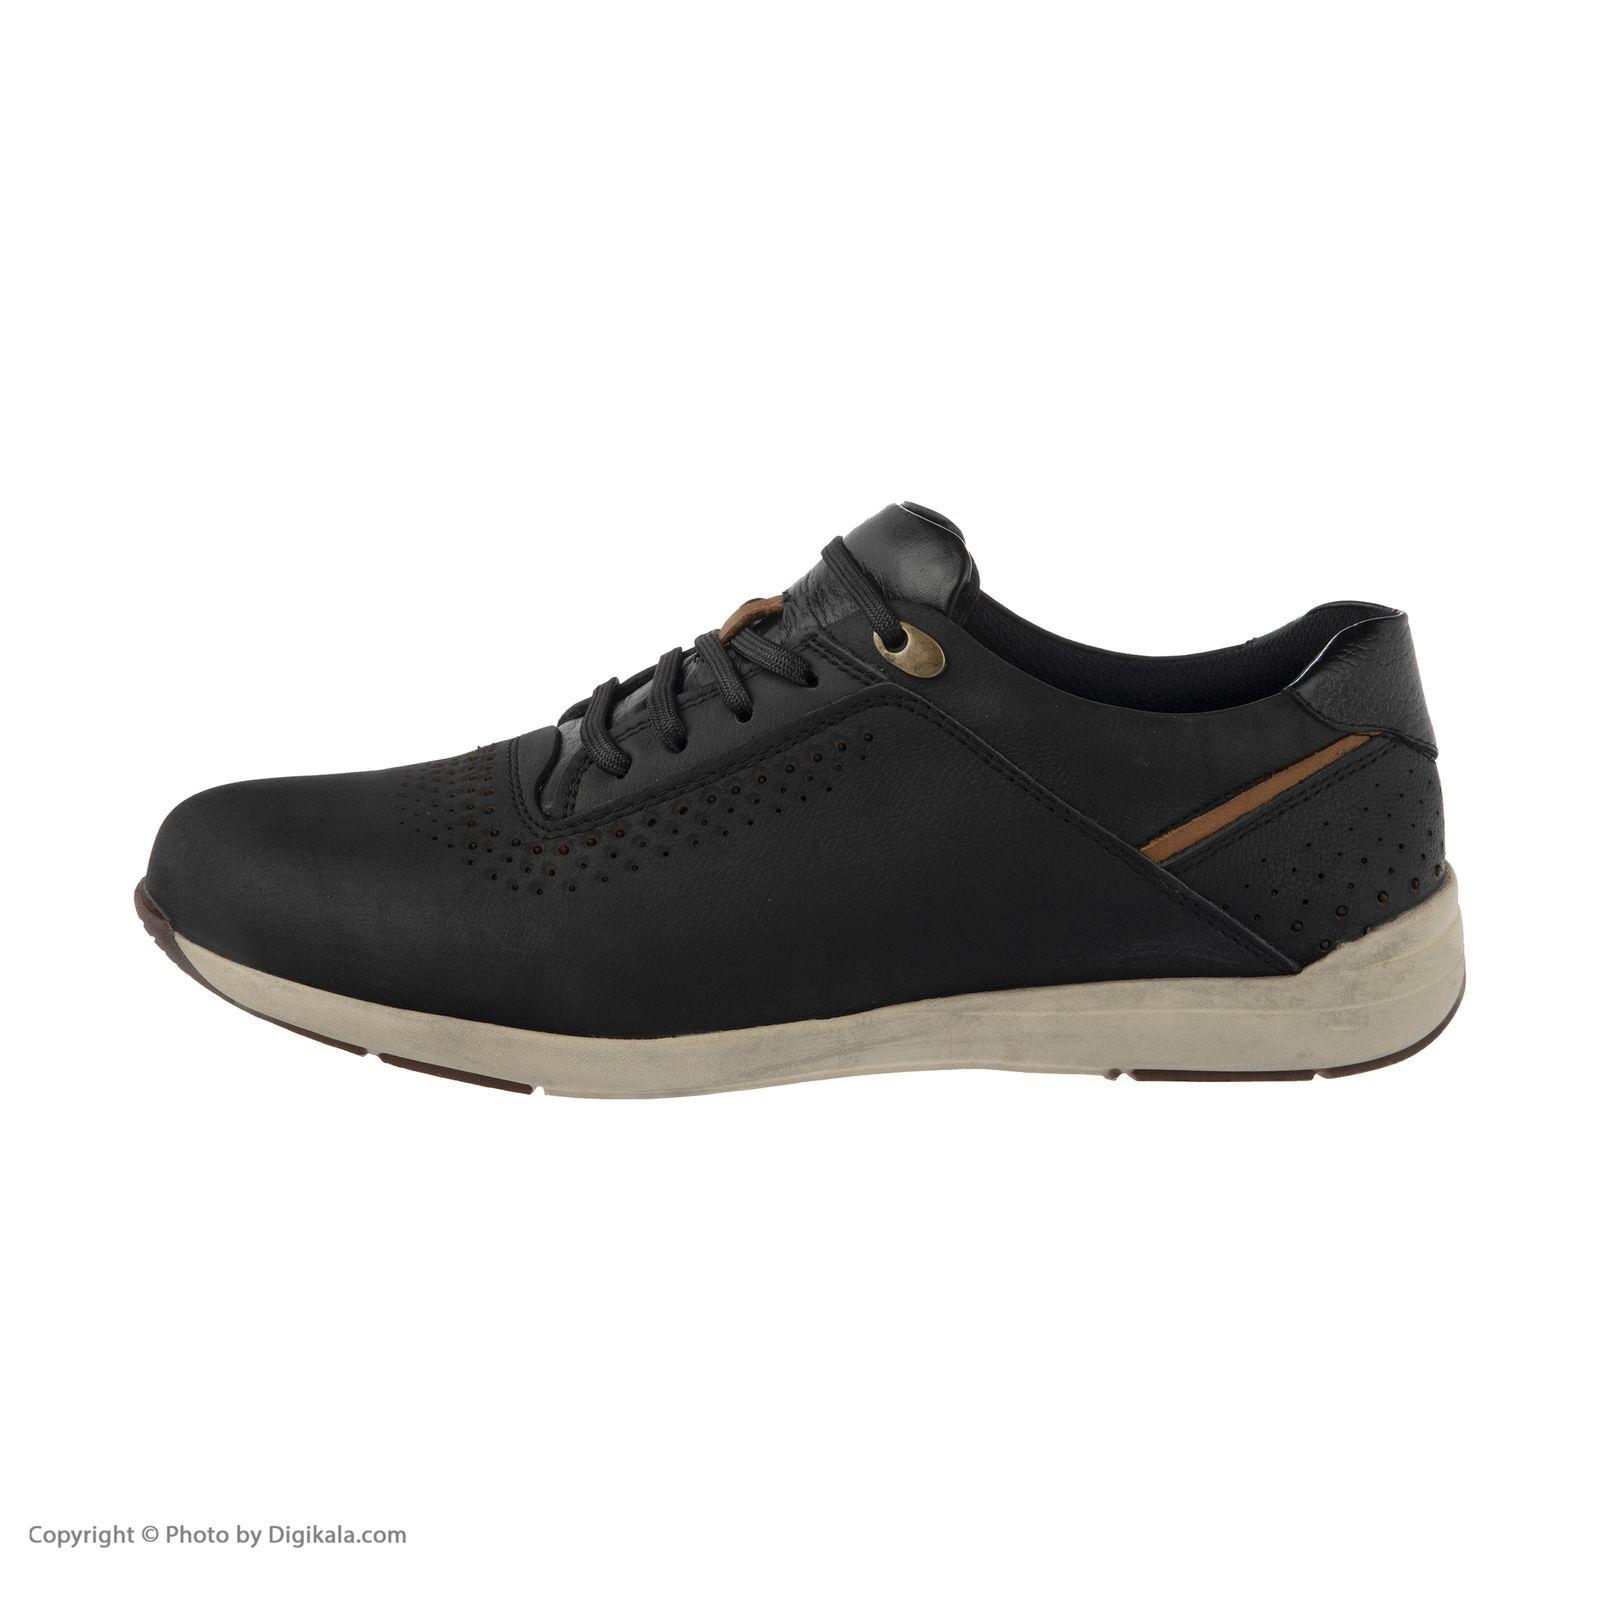 کفش روزمره مردانه سوته مدل 5037A503101 -  - 4